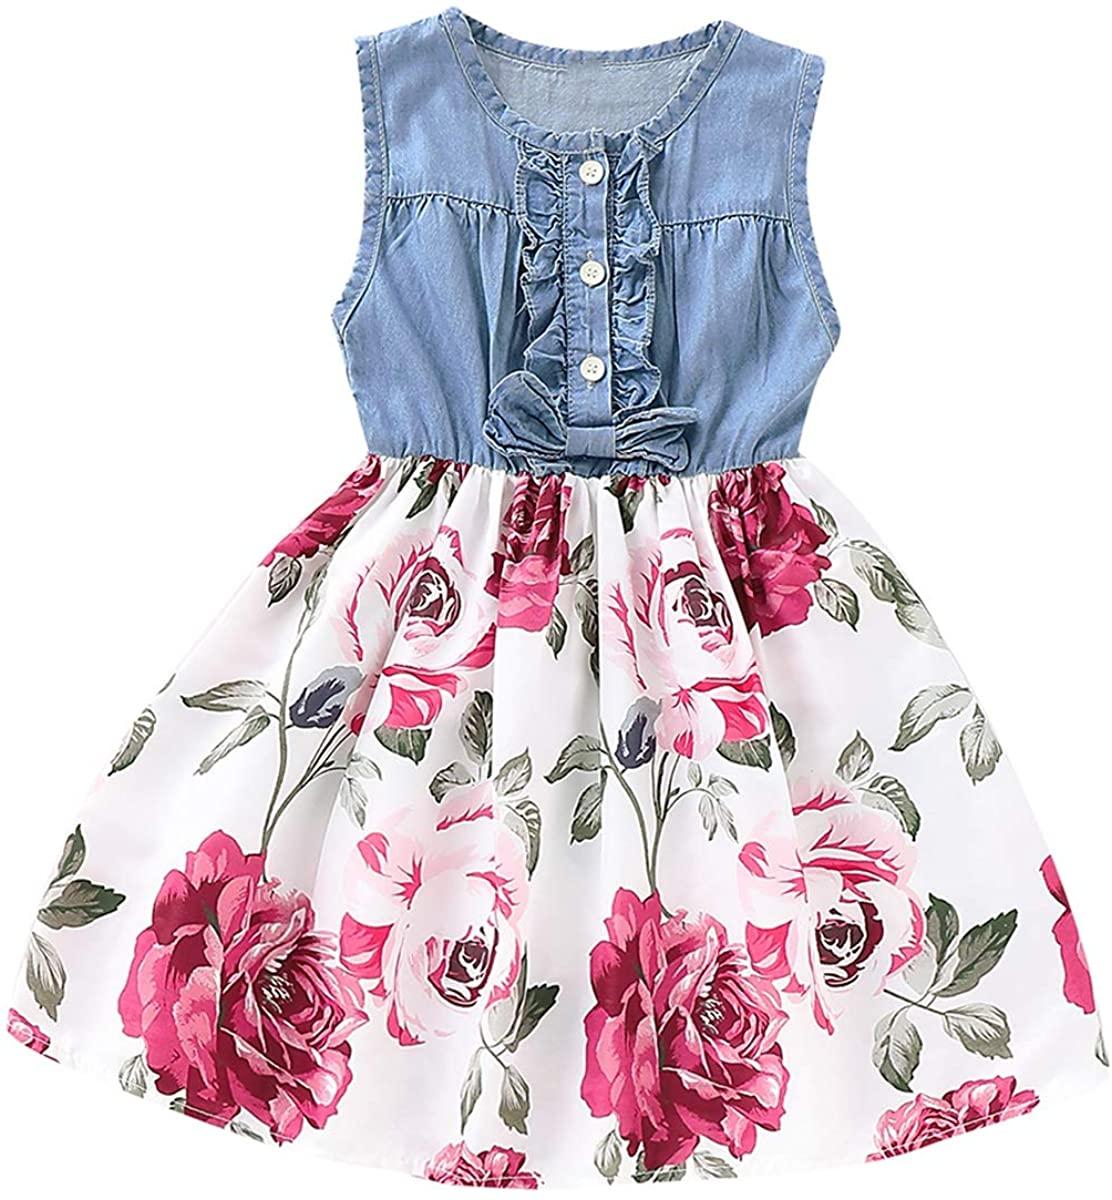 Haokaini Baby Girl Sleeveless Denim Dress, Button Up Floral Swing Skirt for Infant Toddler